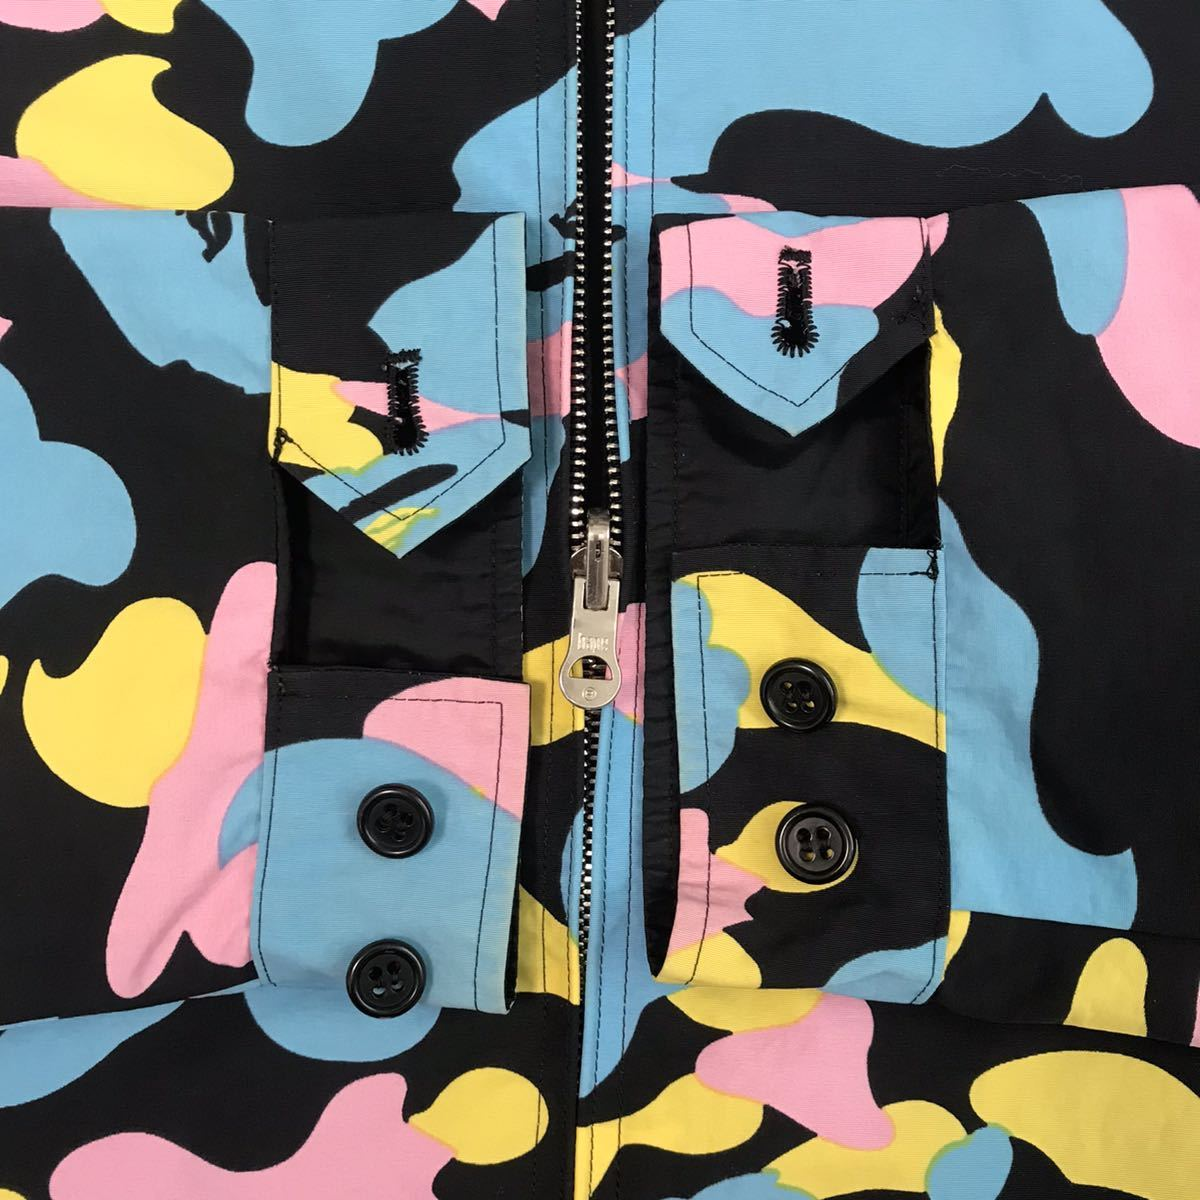 ★リバーシブル★ マルチカモ ジャケット Mサイズ a bathing ape bape cotton candy camo jacket エイプ ベイプ アベイシングエイプ 3532